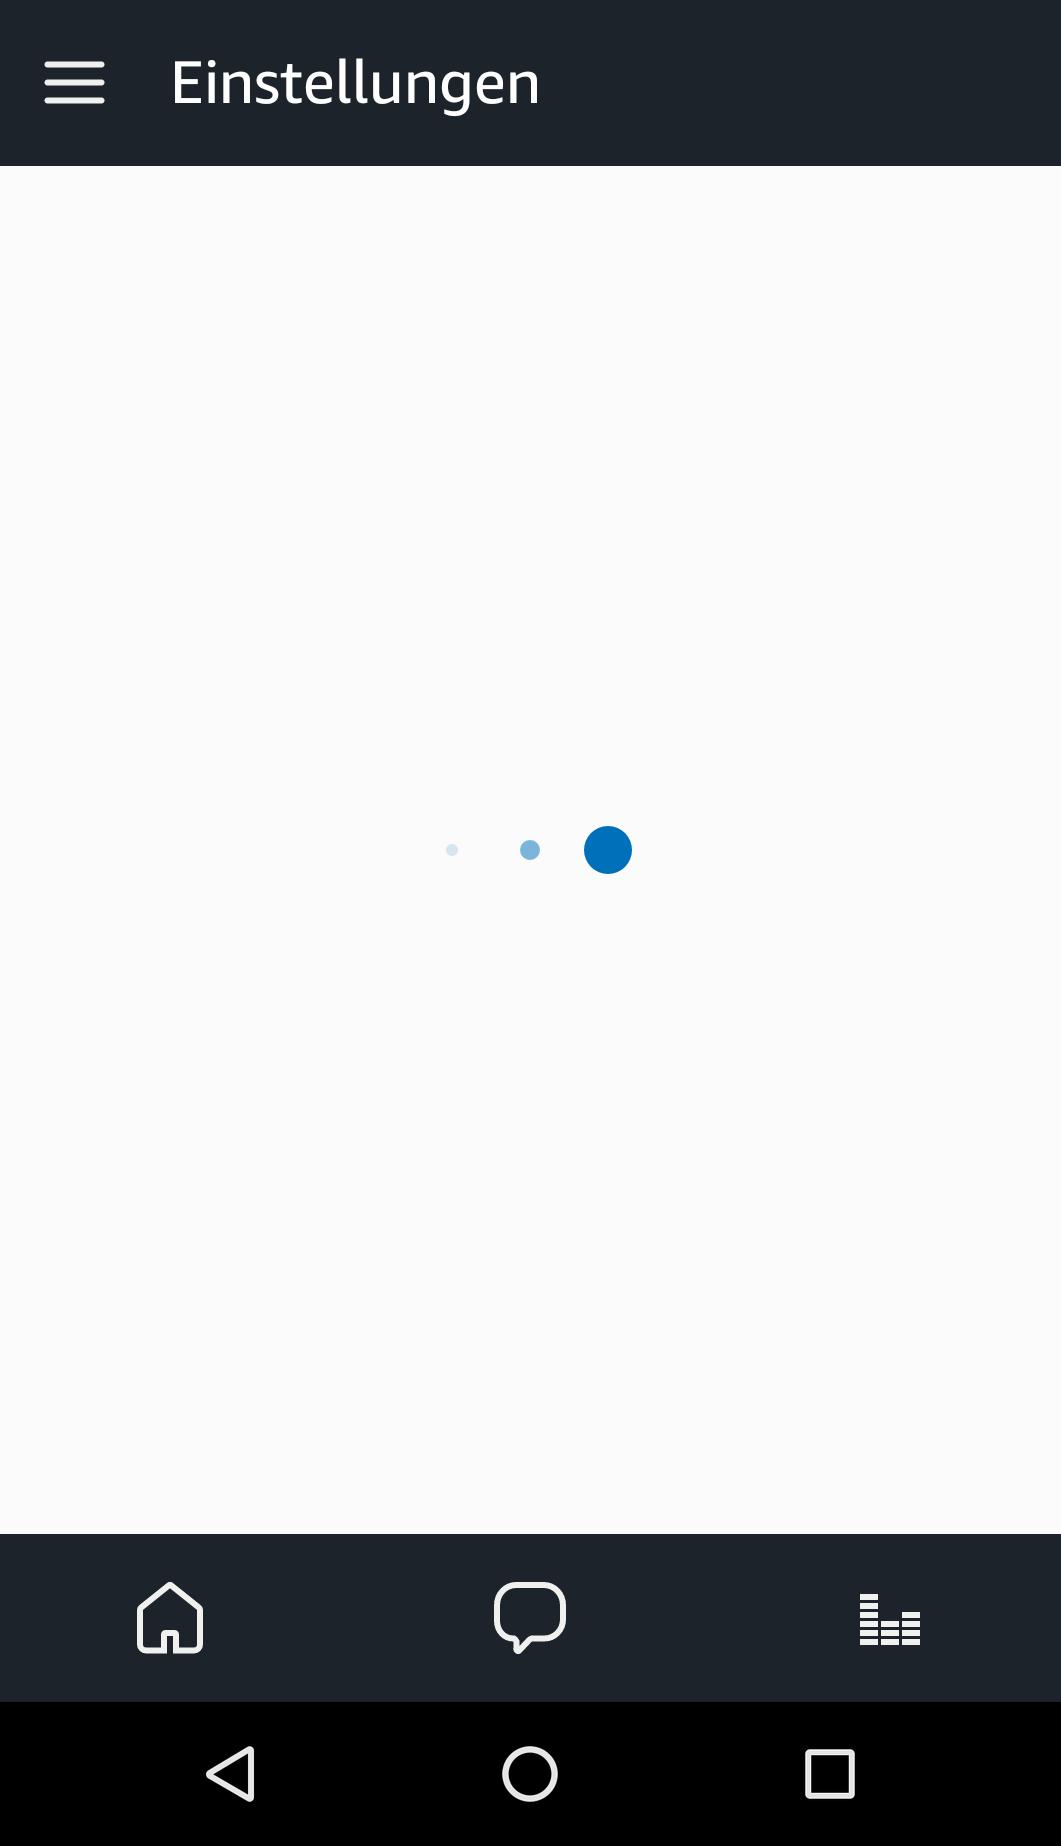 Echo Show vs. Fire HD 10 im Test: Alexa, zeig's mir! - Das dauert jetzt 14 Sekunden, bis die Alexa-App die Einstellungen anzeigt. (Bild: Ingo Pakalski/Golem.de)